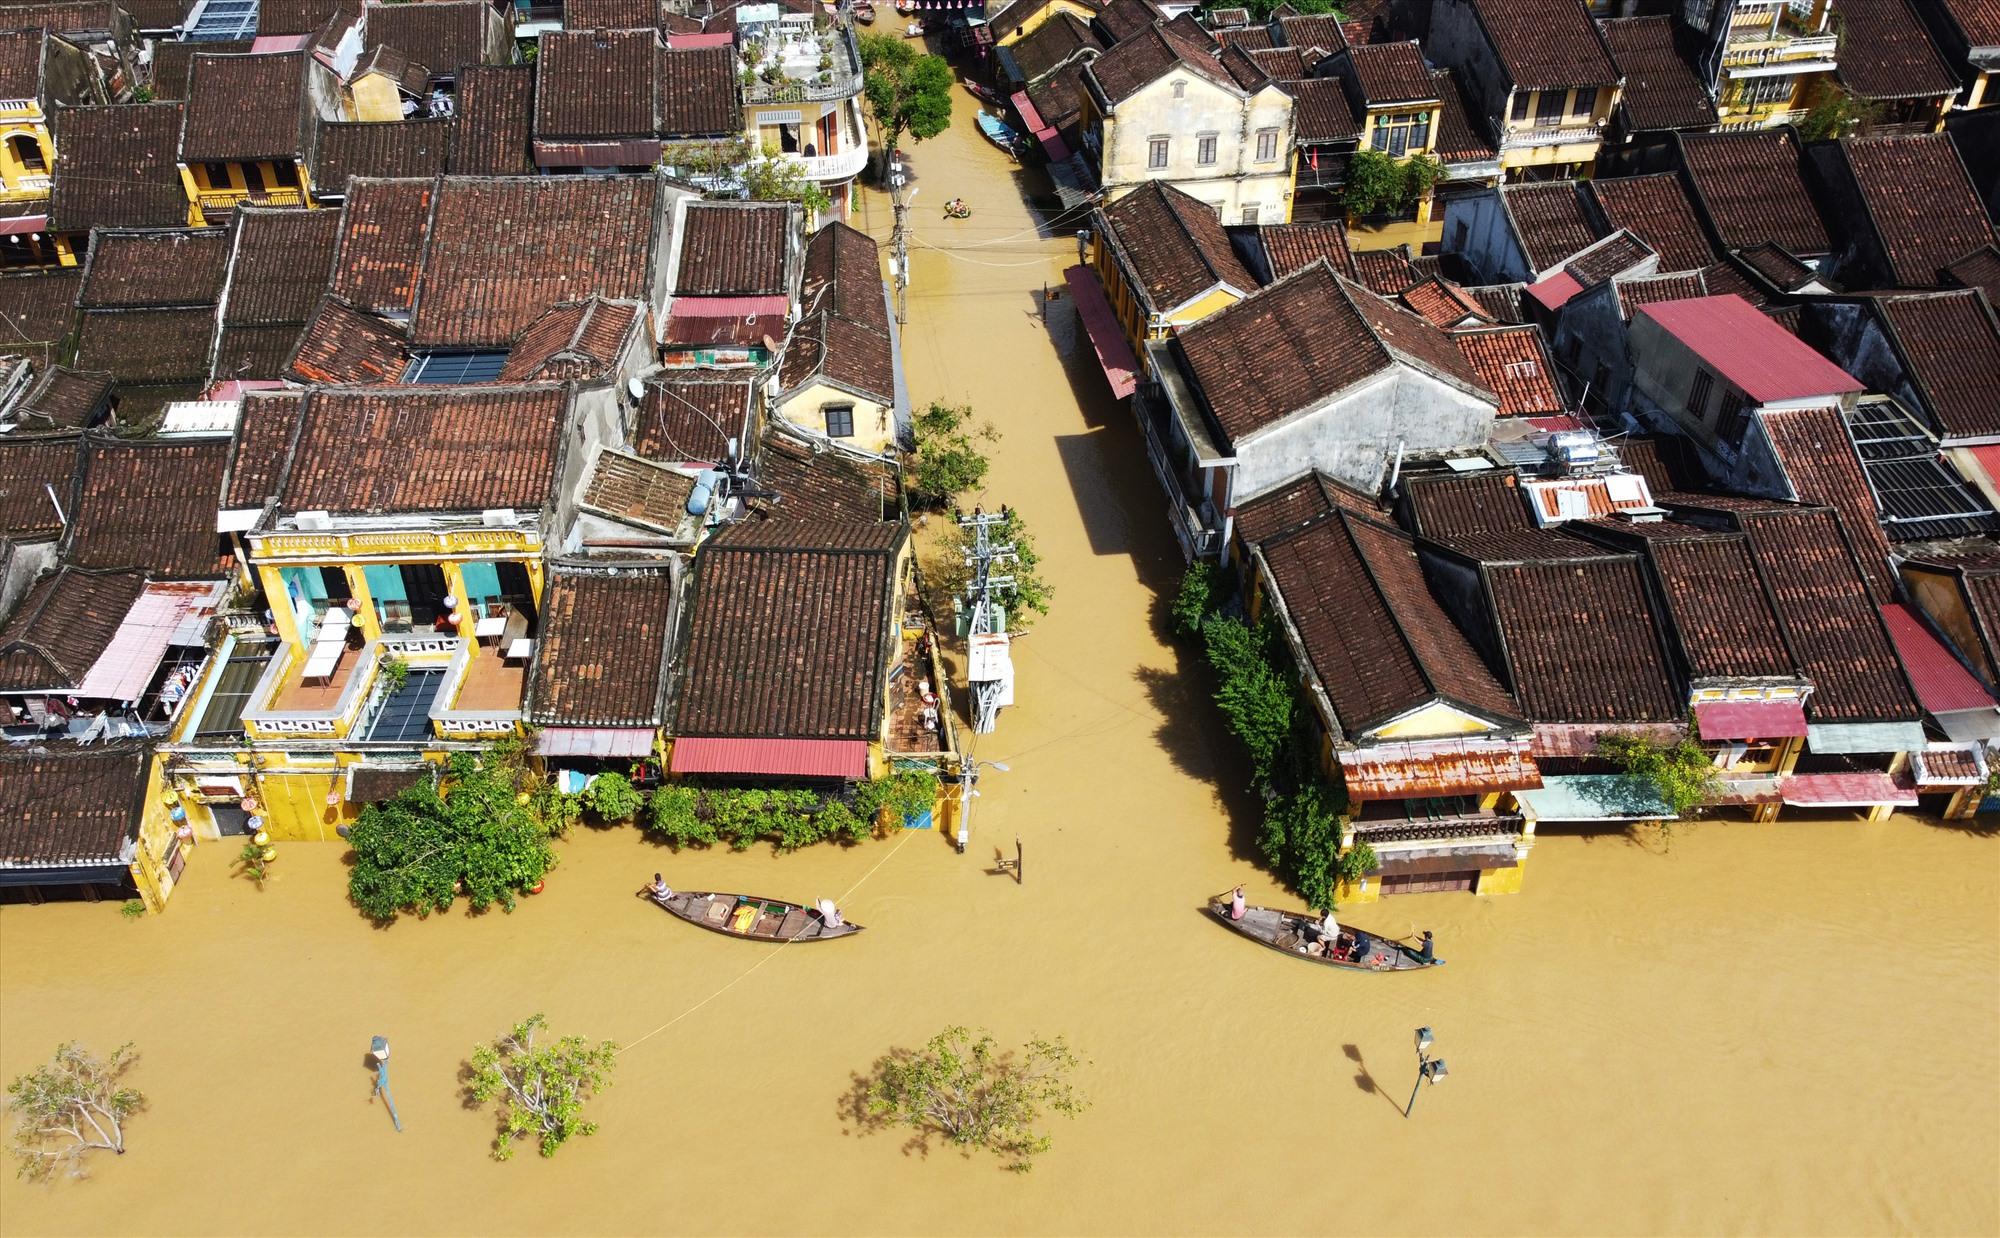 Mặc dù nước lũ đang rút những tuyến phố gần sông Hoài như Bạch Đằng, Nguyễn Phúc Chu,… ngập hơn 1m khiến nhiều ngôi nhà, quán hàng bị nước tràn vào nhà.